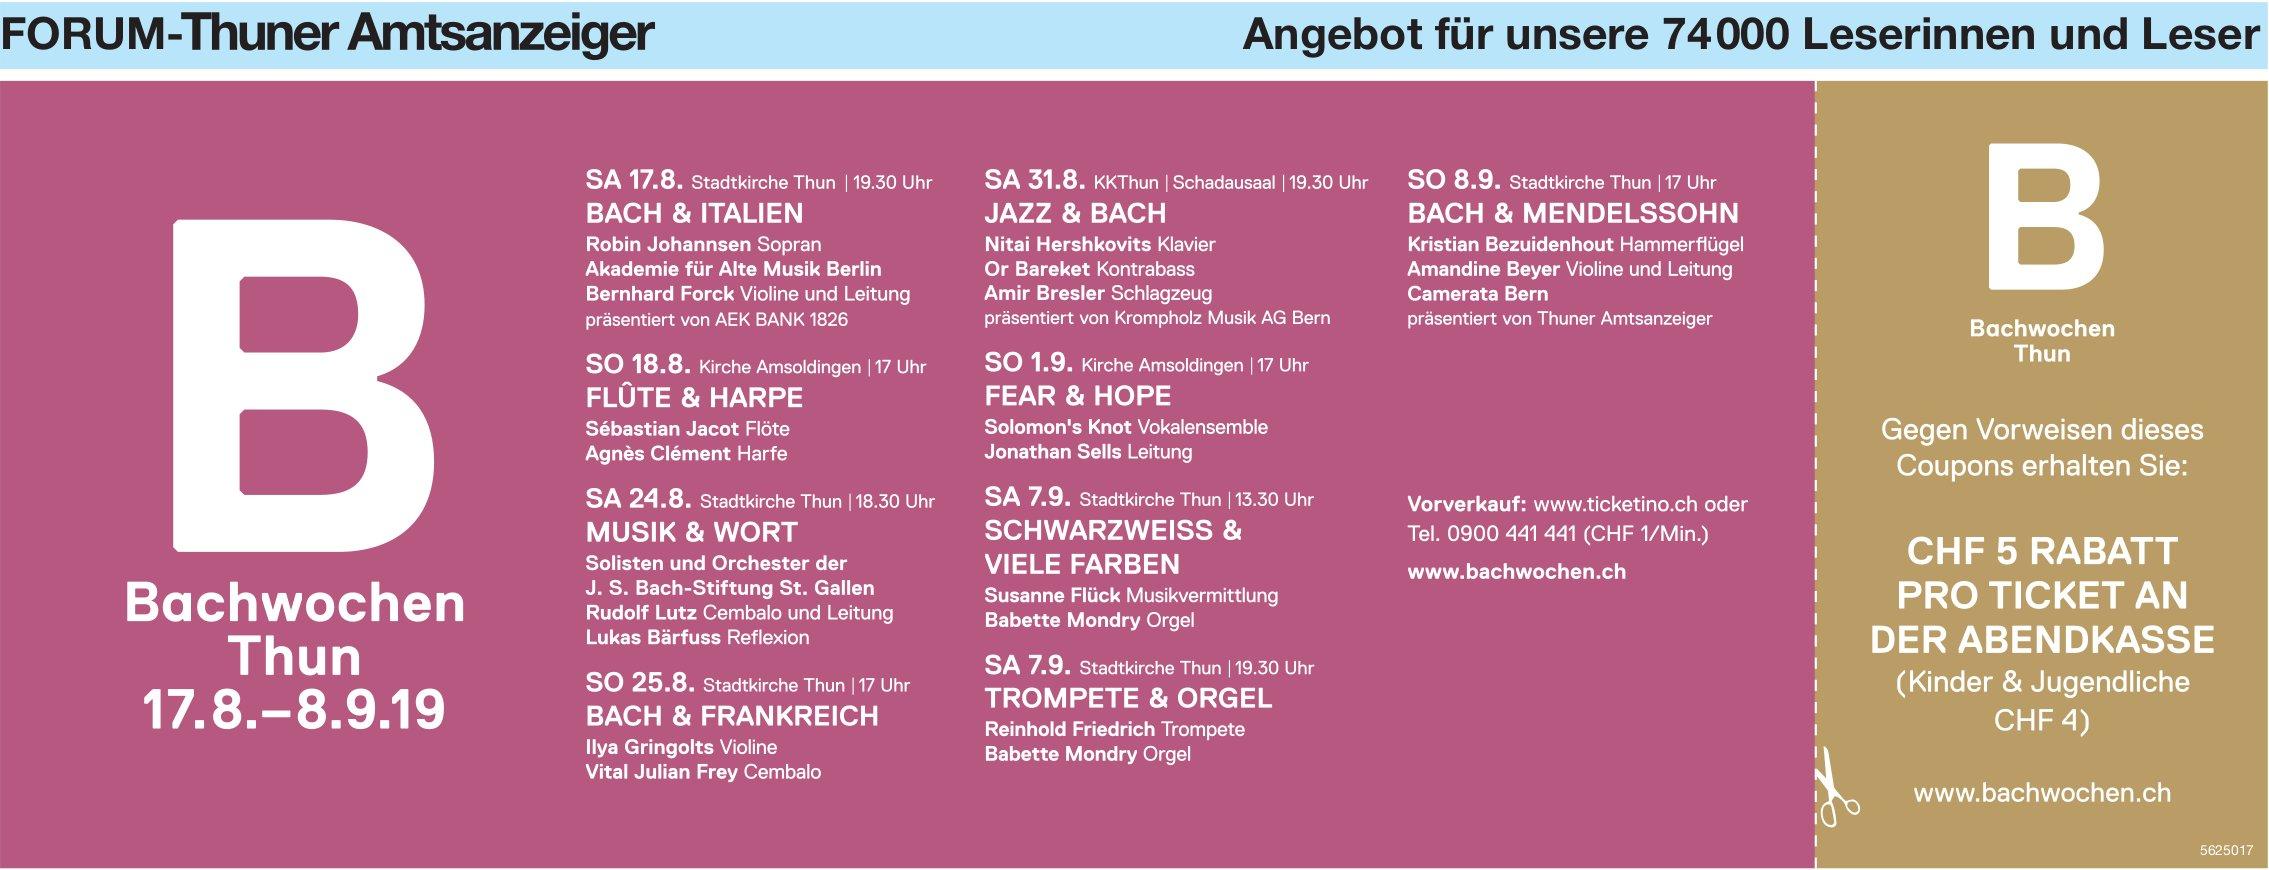 Forum-Thuner Amtsanzeiger - Bachwochen Thun, 17.8.-8.9.19